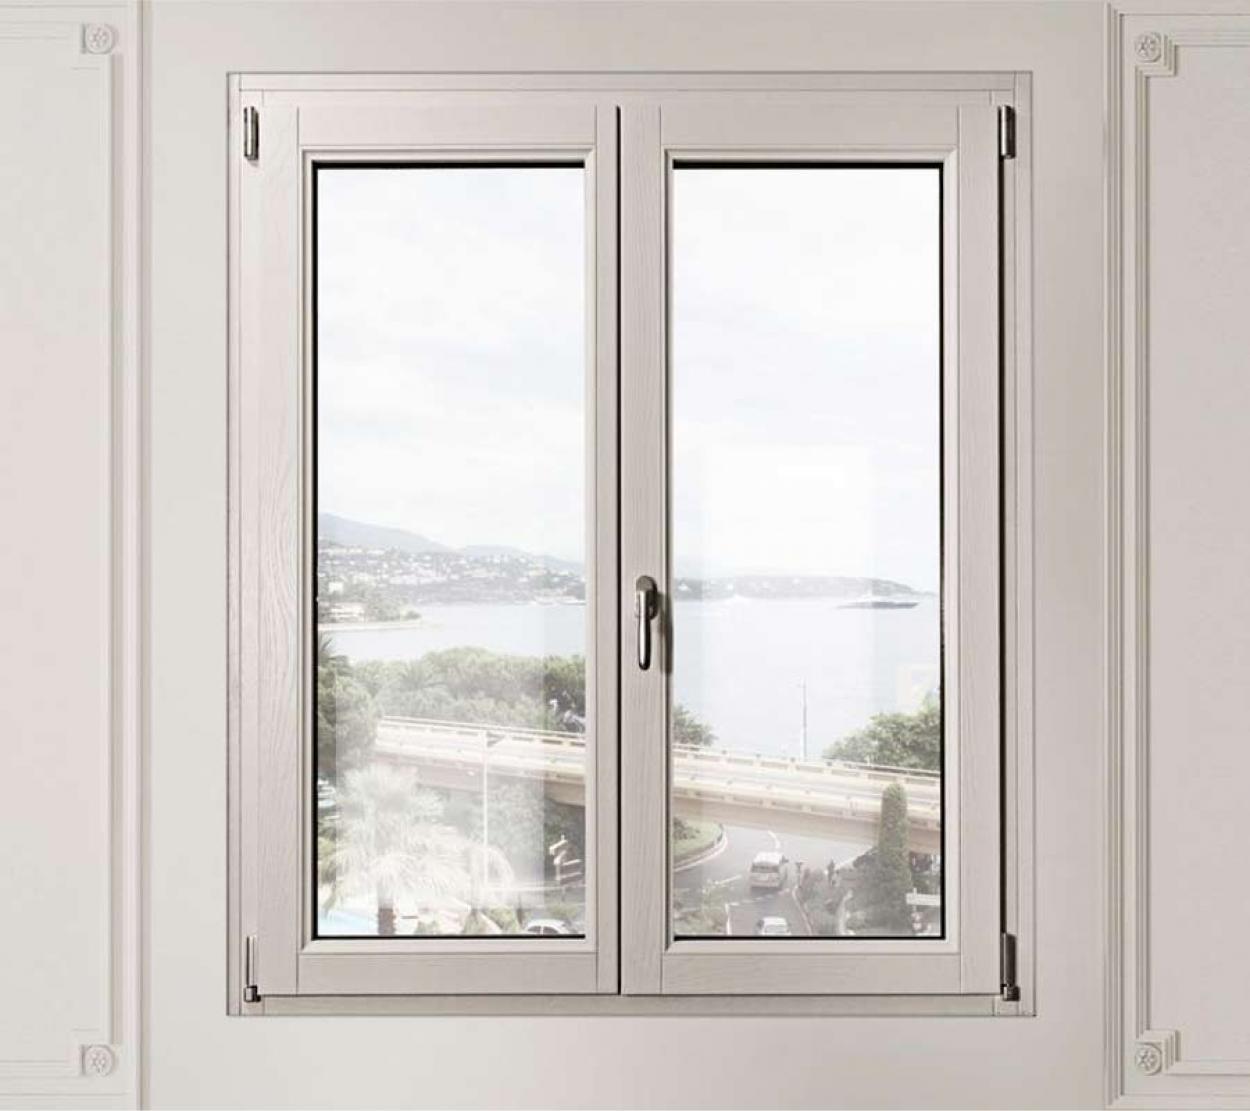 Tecnologia lamellare di alta qualità per finestre e infissi in legno